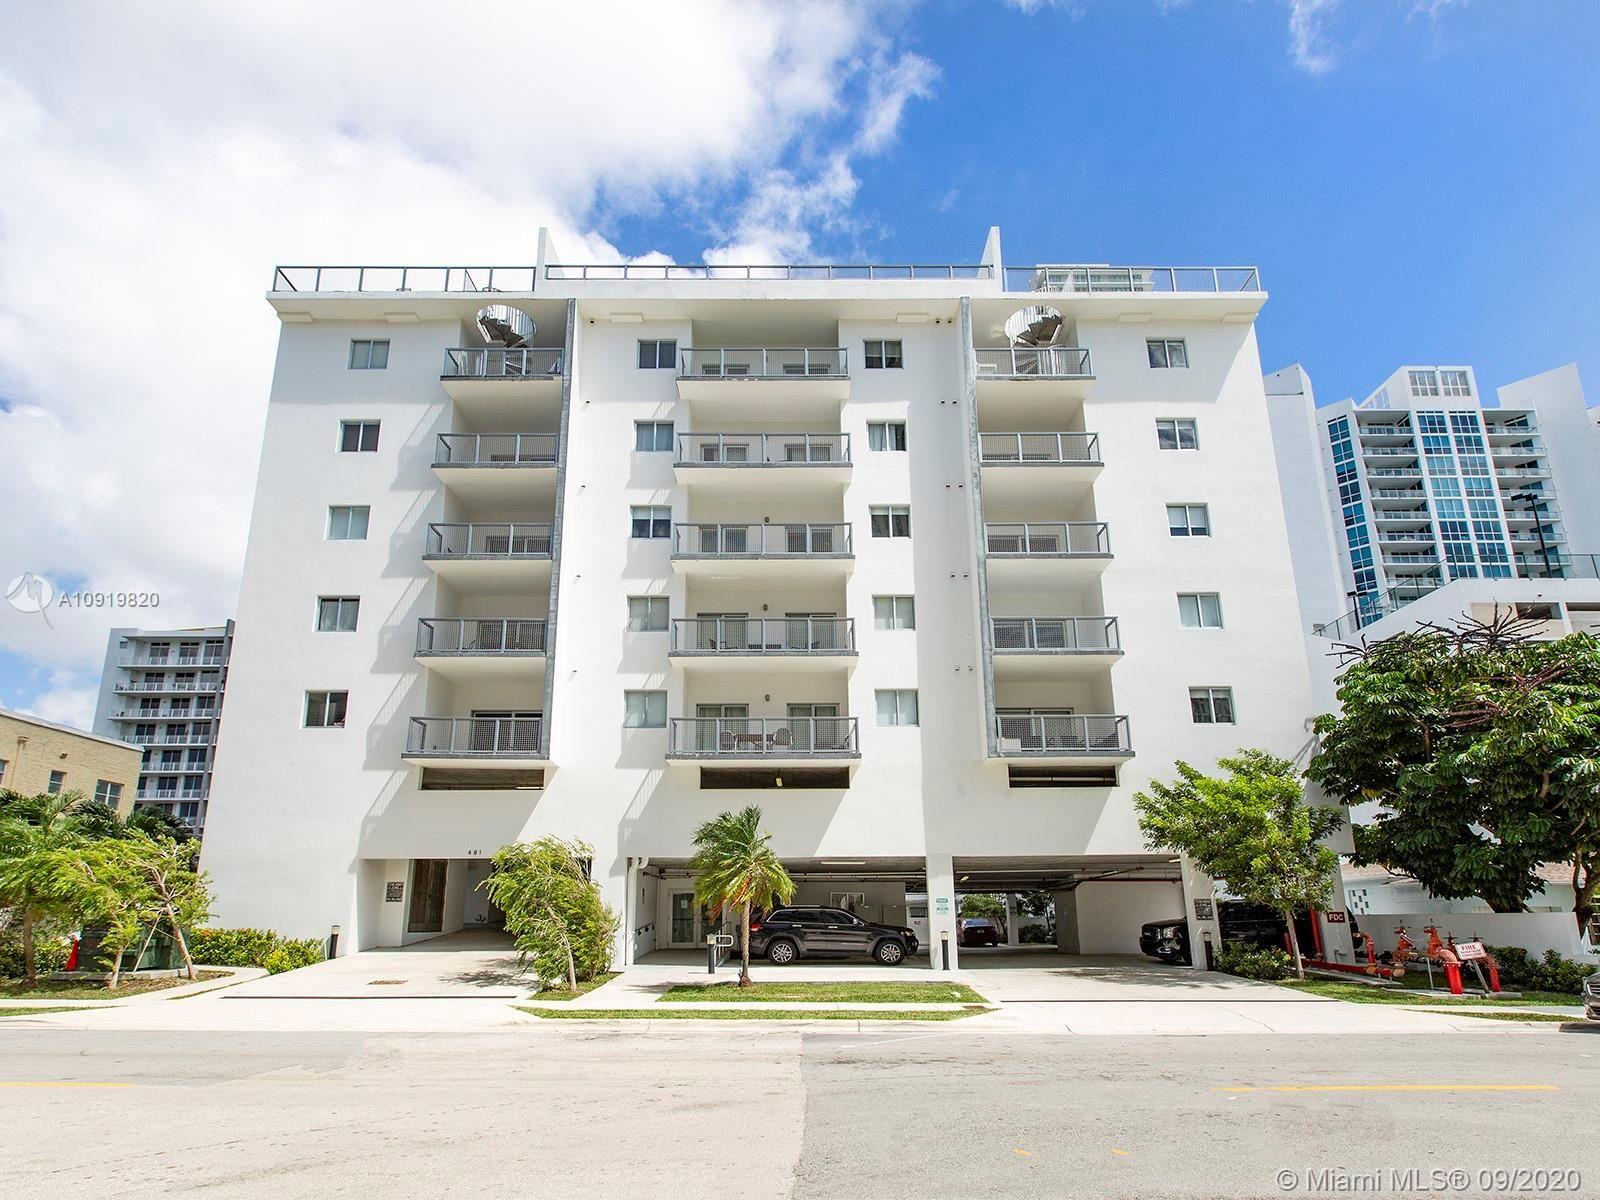 481 NE 29th St #503, Miami, FL 33137 - #: A10919820